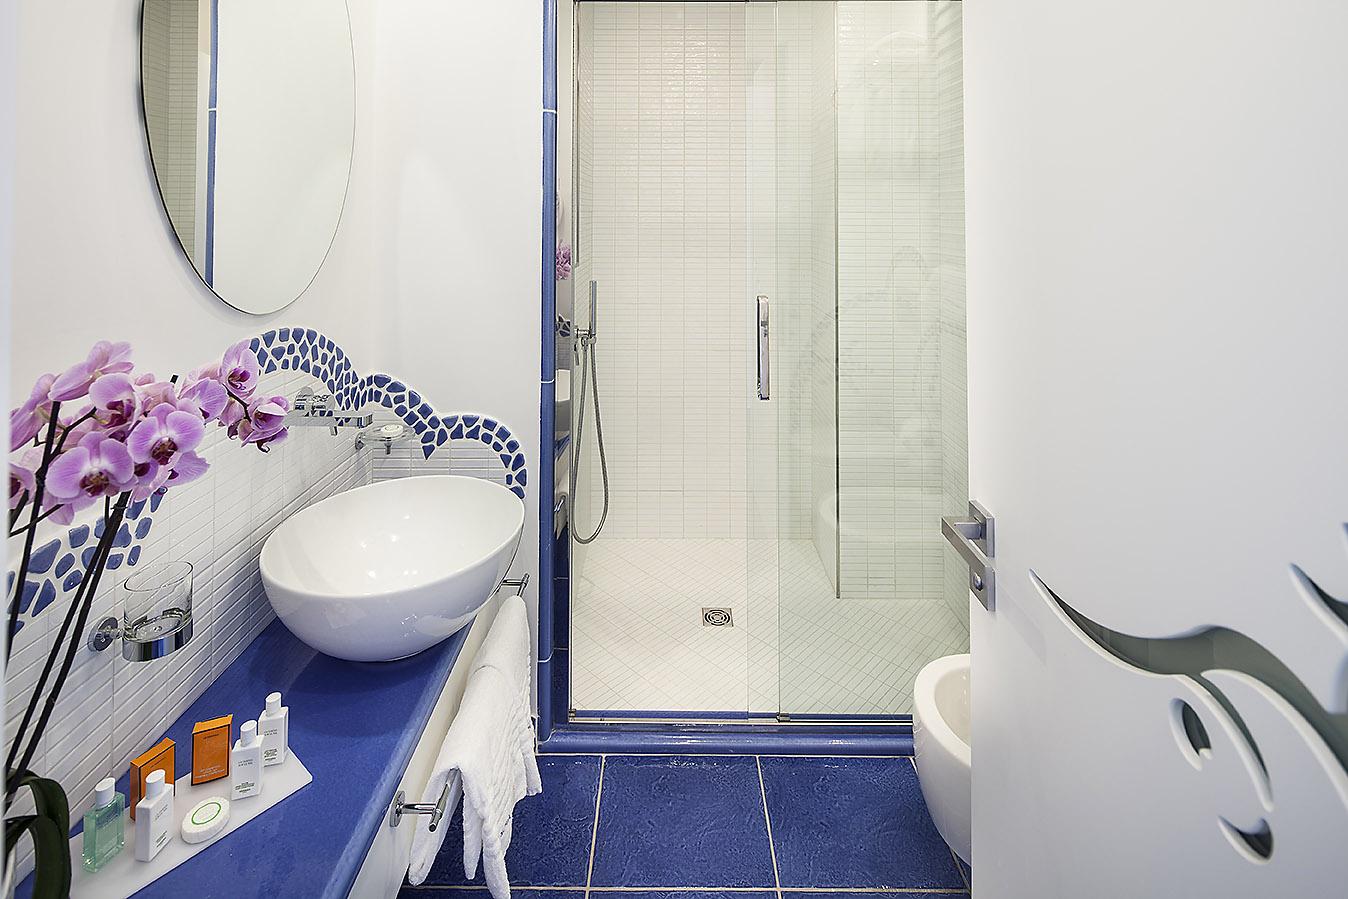 Contract per hotel - Cabina doccia su misura - Ischia Blu Resort